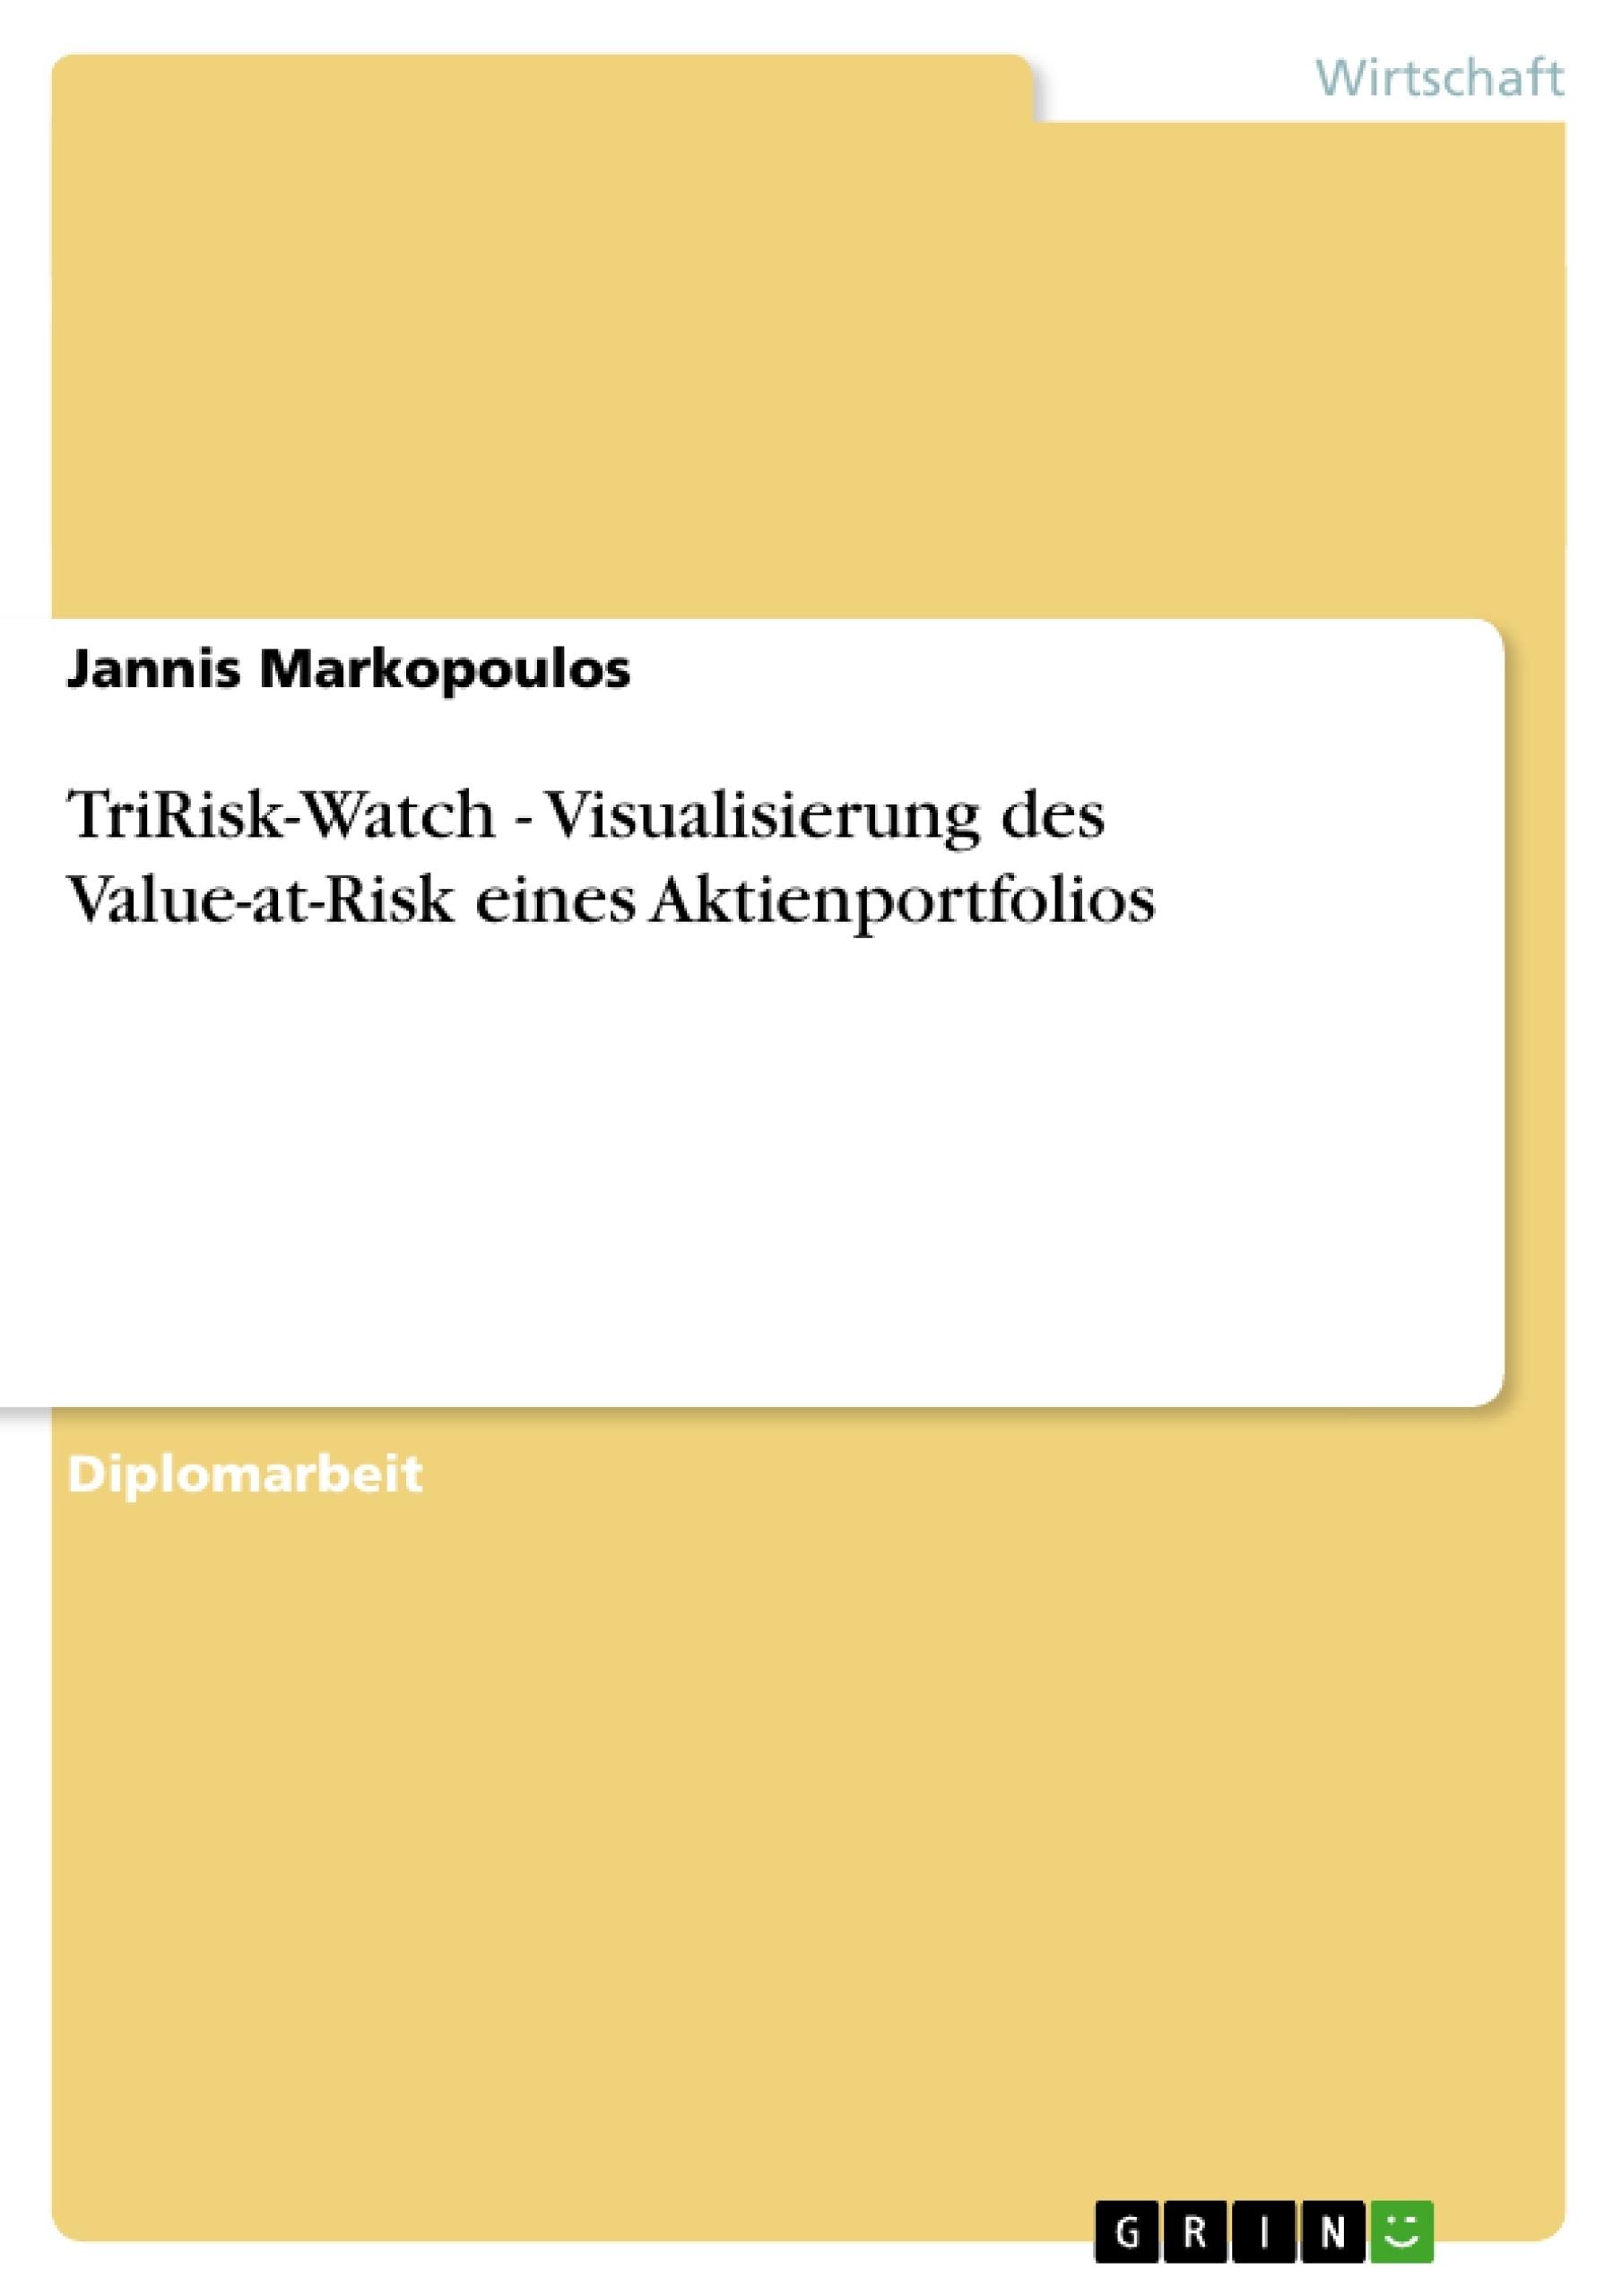 Titel: TriRisk-Watch - Visualisierung des Value-at-Risk eines Aktienportfolios